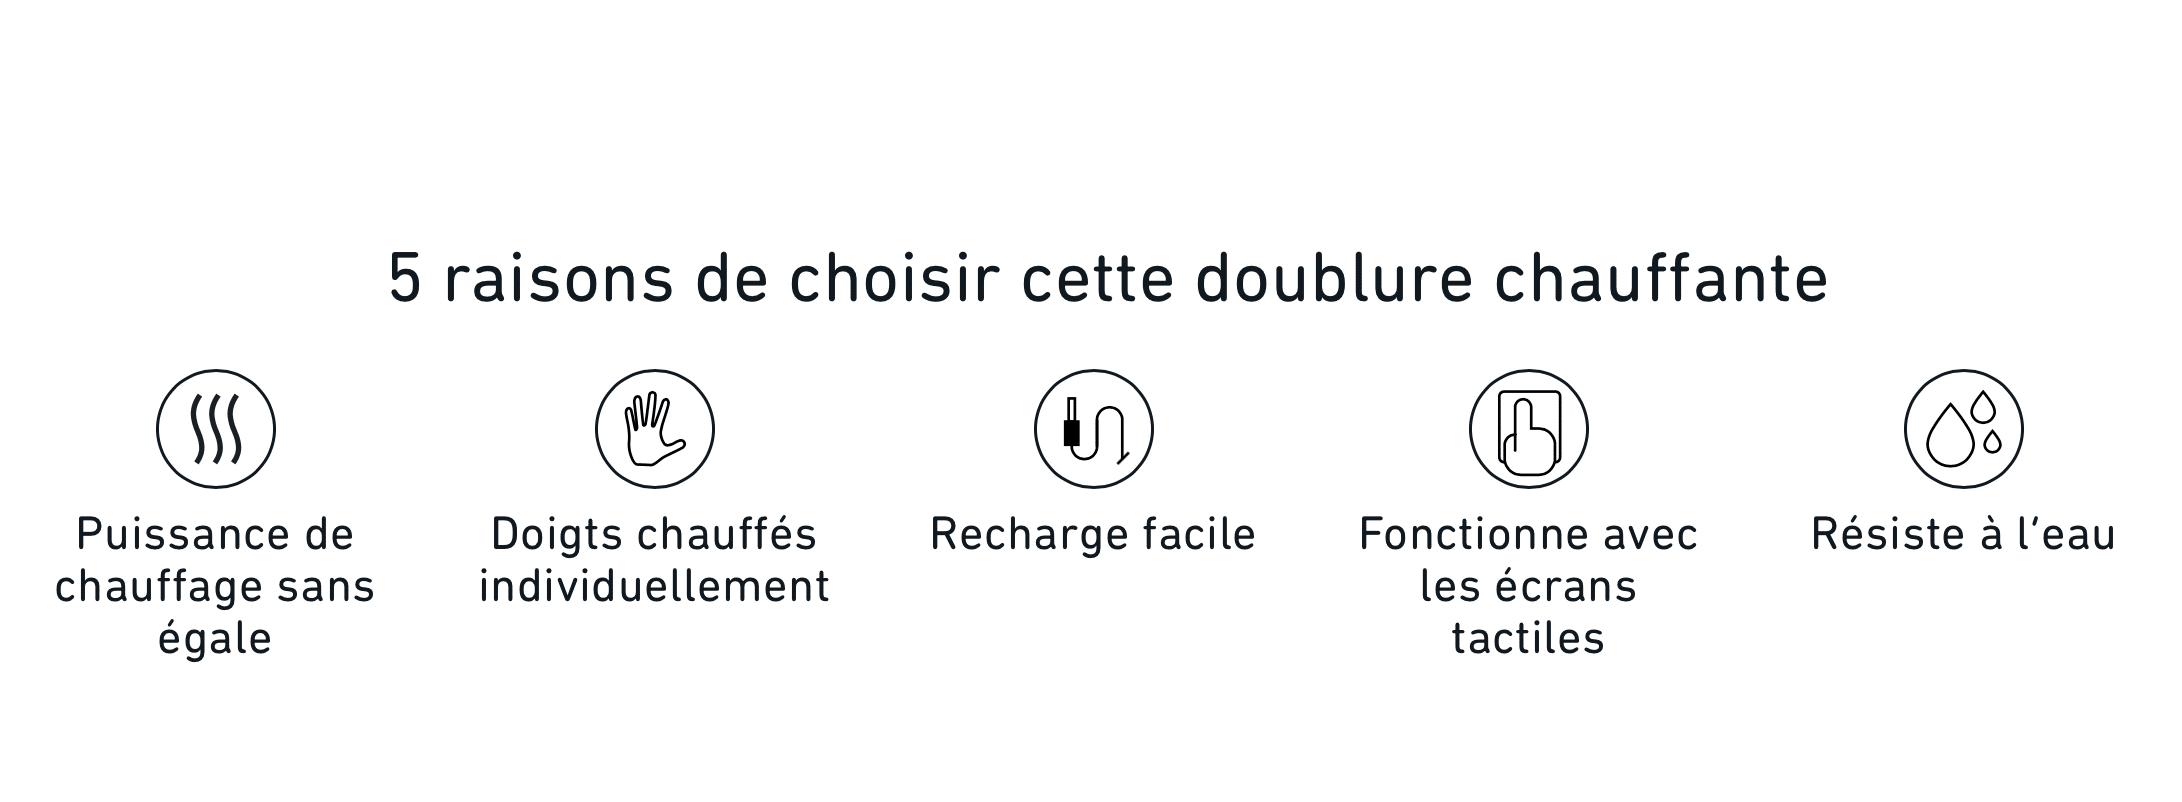 5 raisons de choisir cette doublure. Source: www.ewool.com/fr